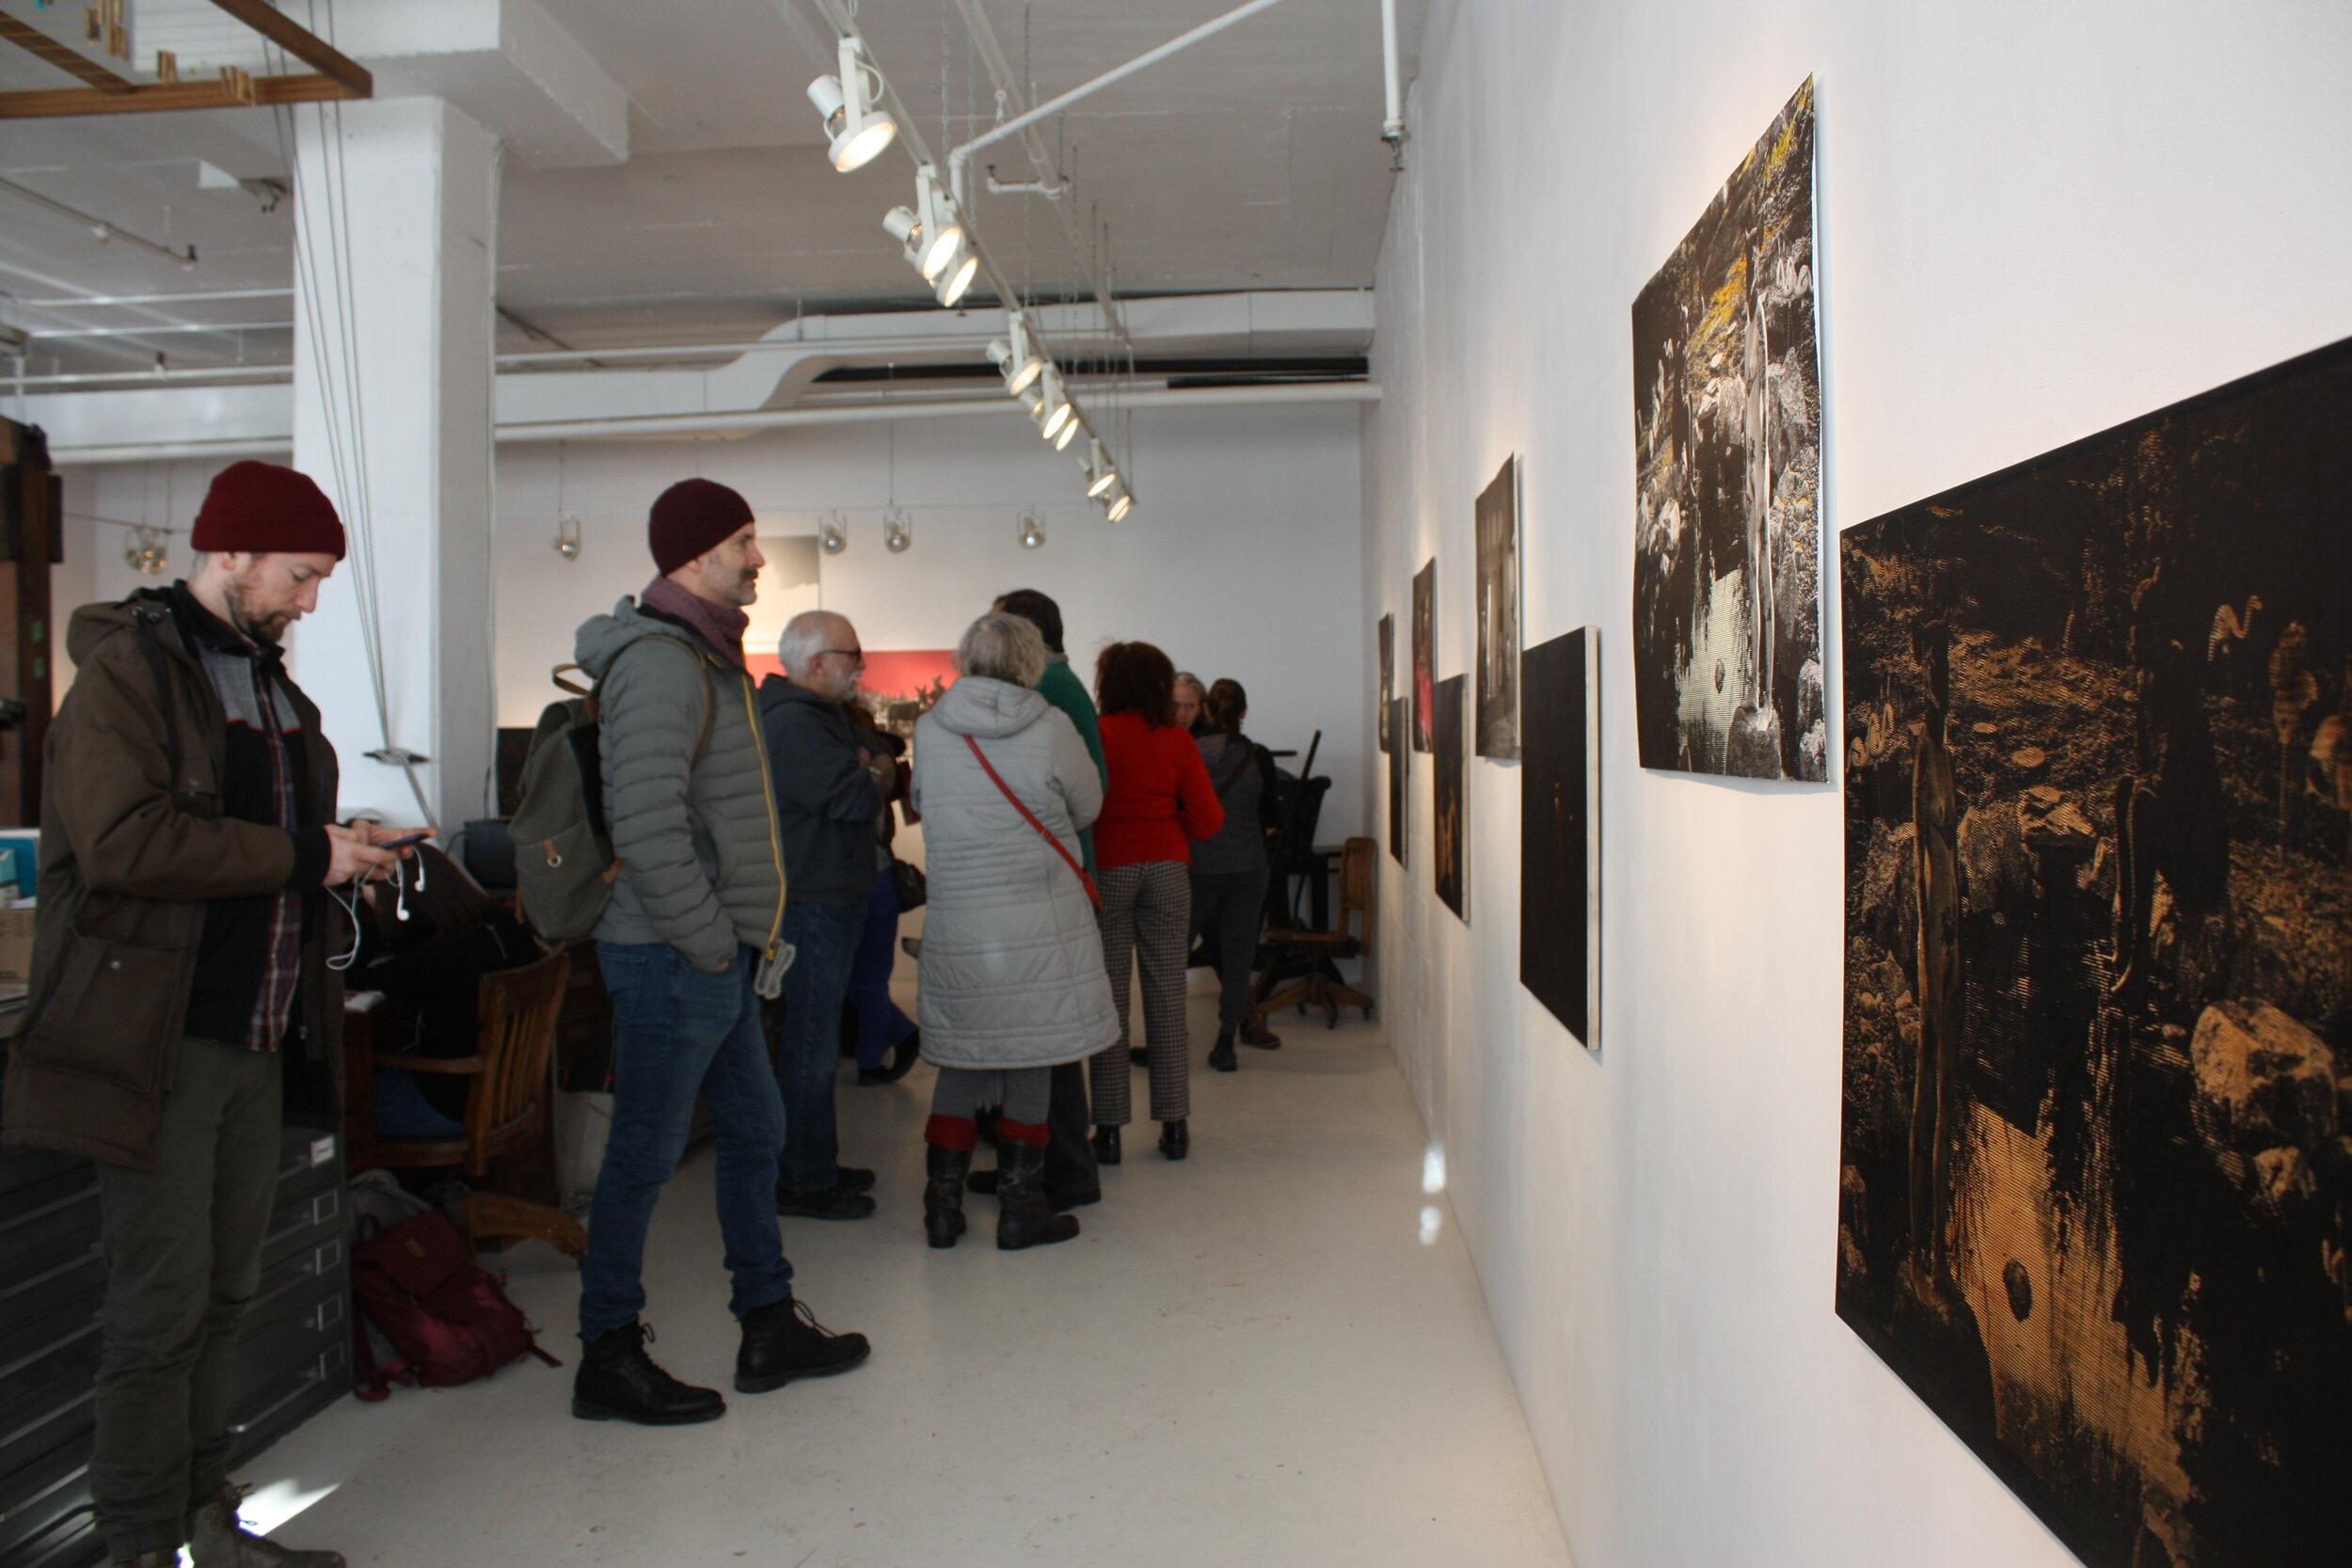 Vue de l'exposition, site web de l'artiste Bonnie Baxter -